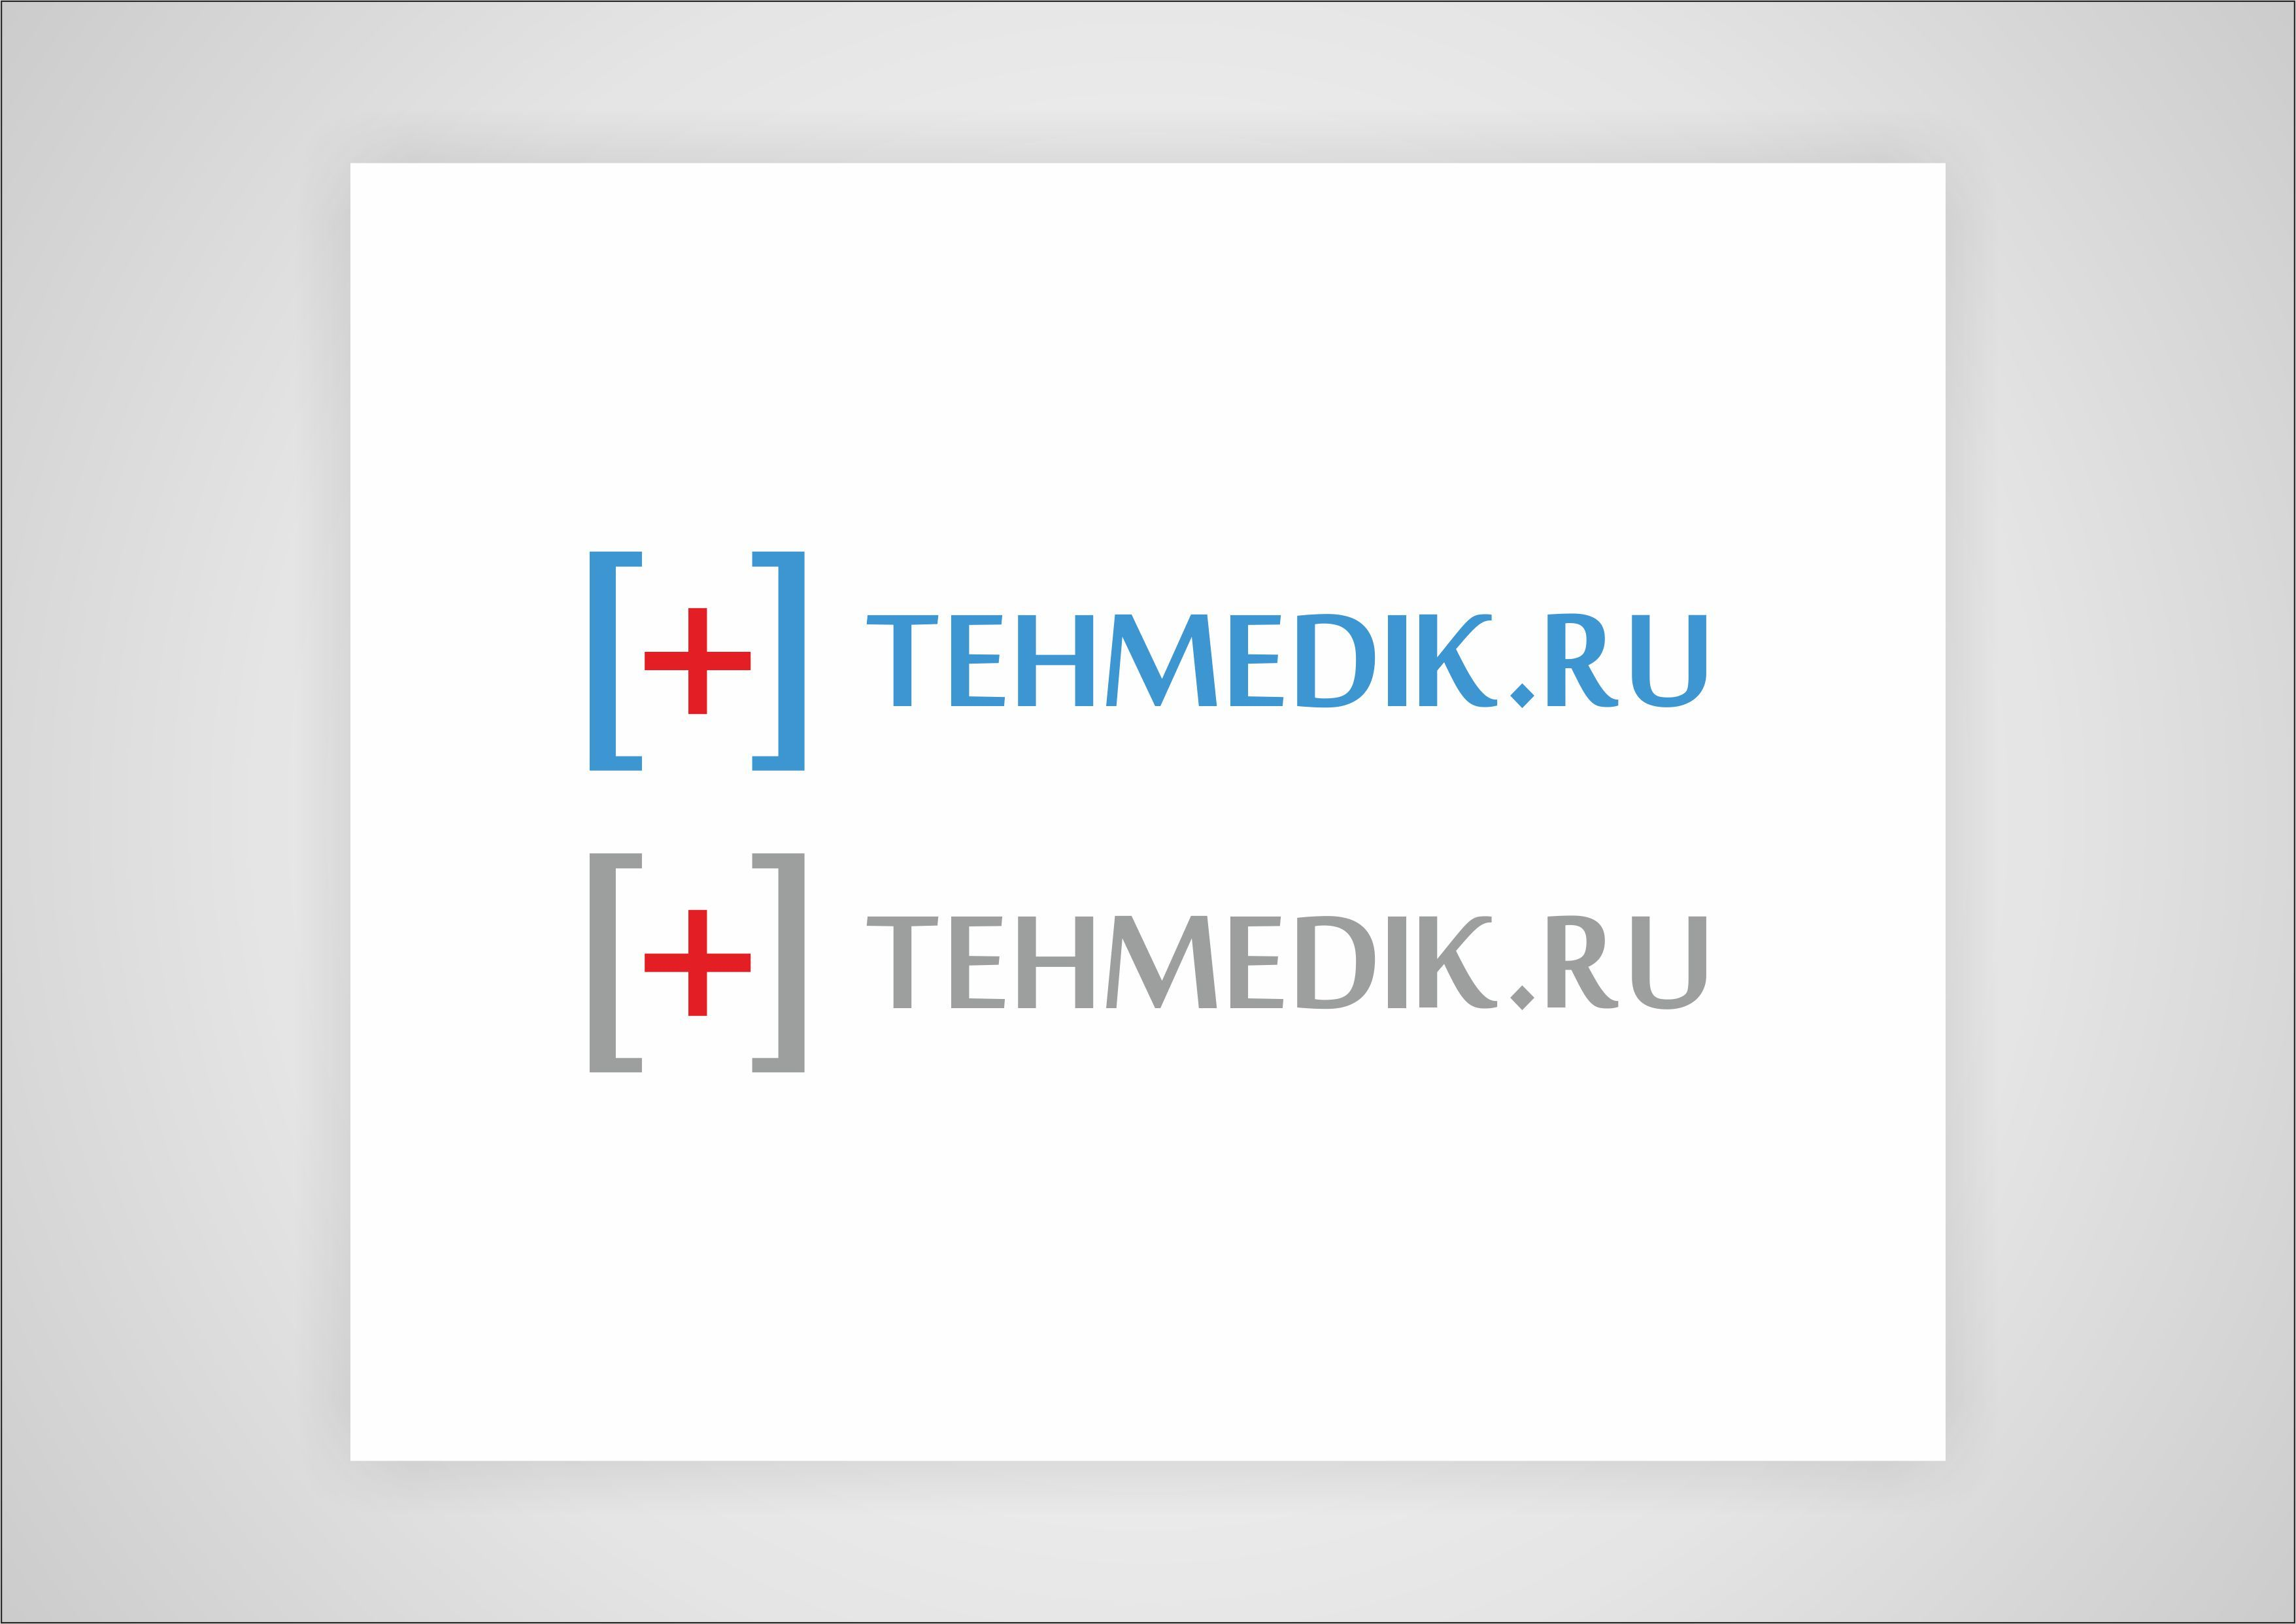 Логотип для интернет-магазина медтехники - дизайнер AlexDP